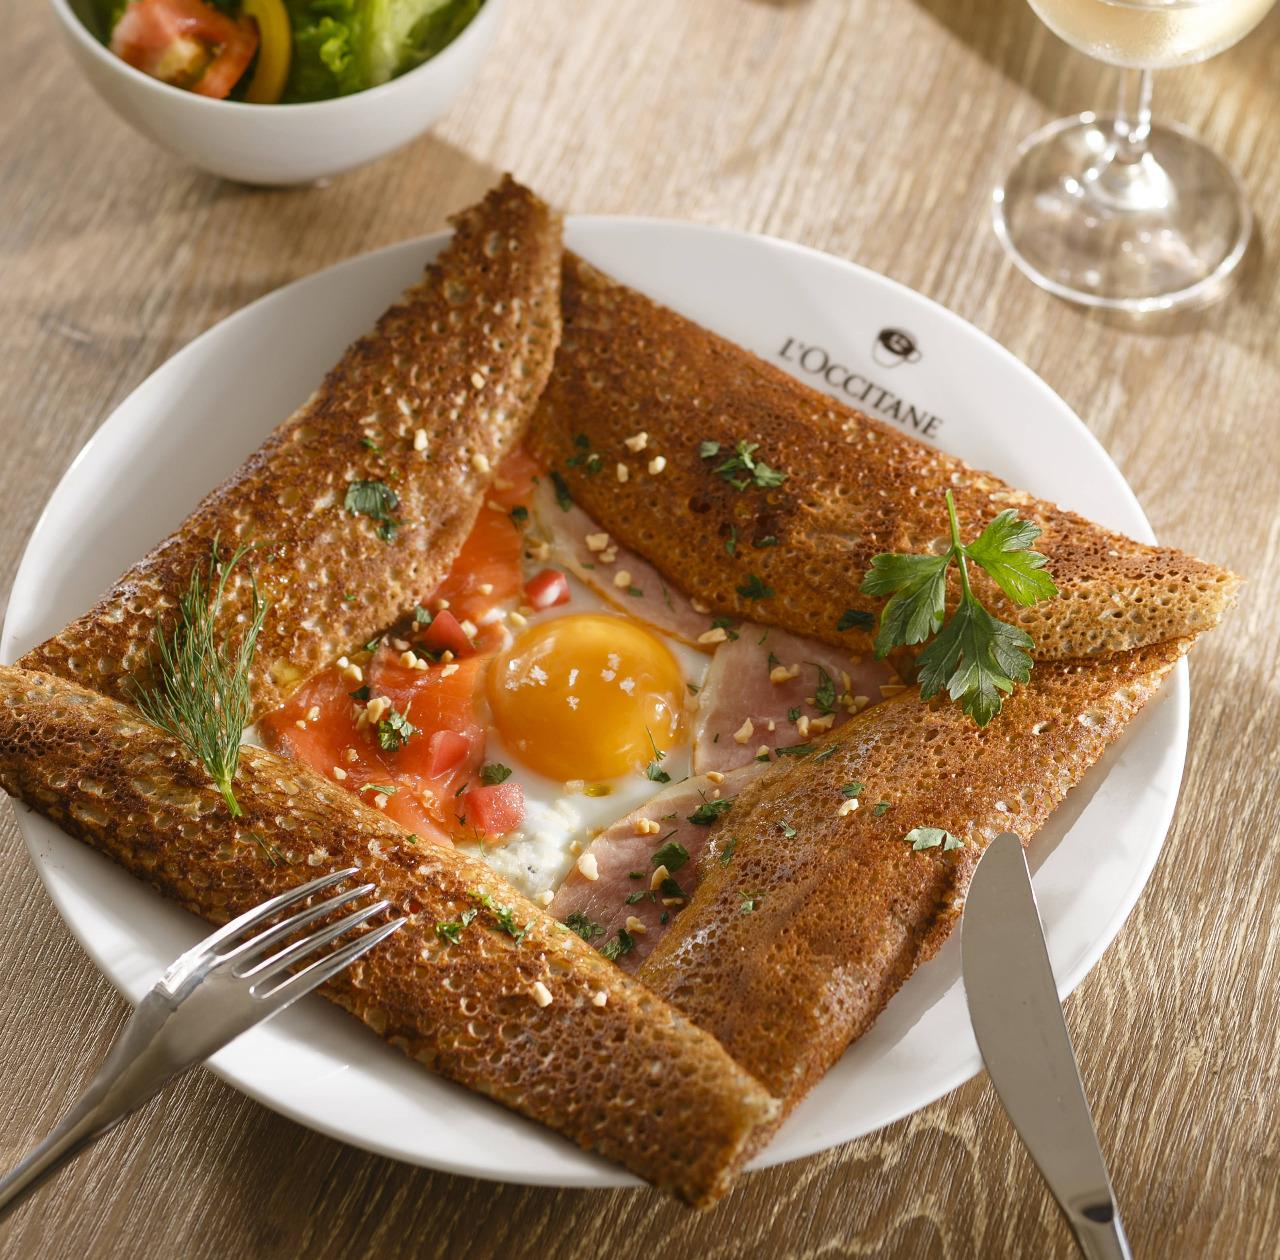 ガレットでダイエットできる!カロリーと栄養効果を徹底調査!のサムネイル画像